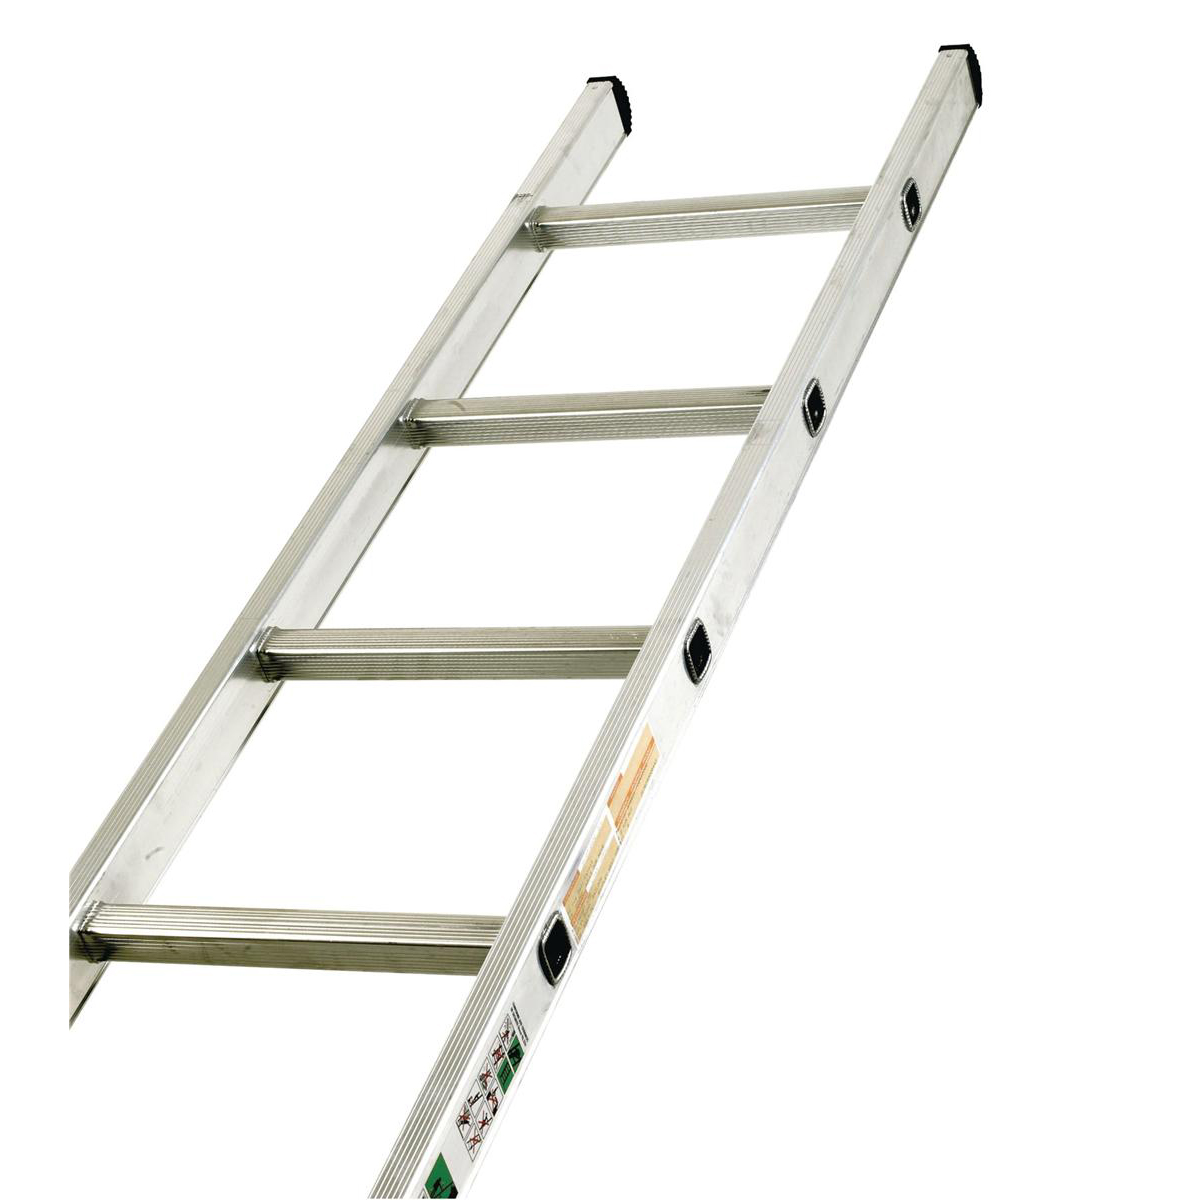 Premoffice: Steps / Ladders - Premier Office